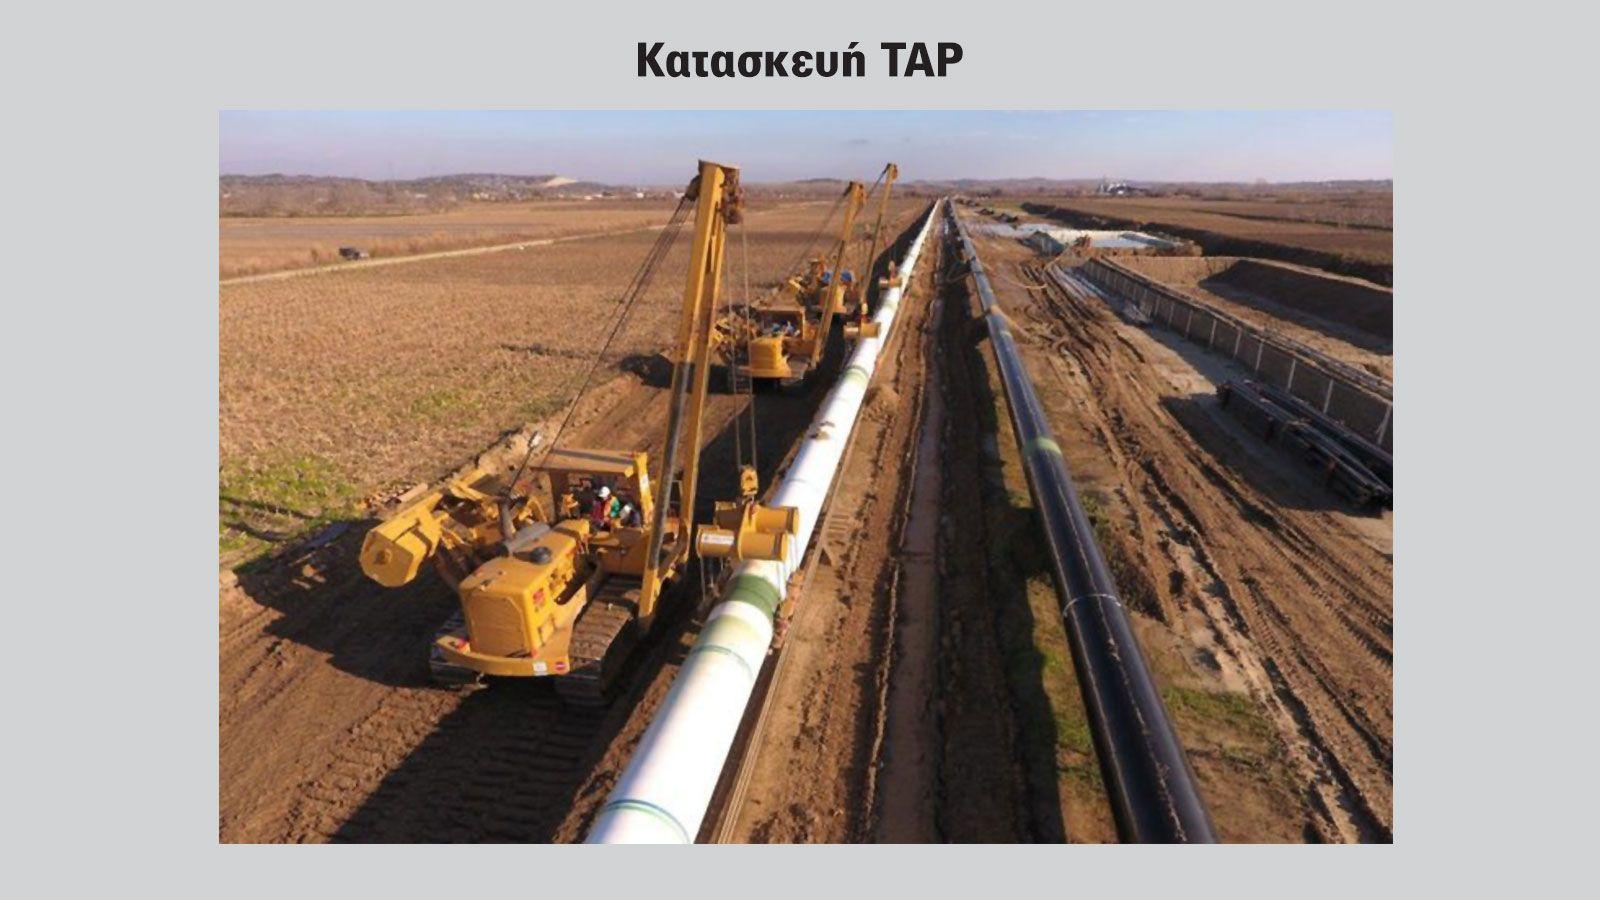 Μεγάλα έργα πνοής και στόλος HCV οχημάτων. Φωτό από μέρος των έργων κατασκευής του αγωγού TAP.